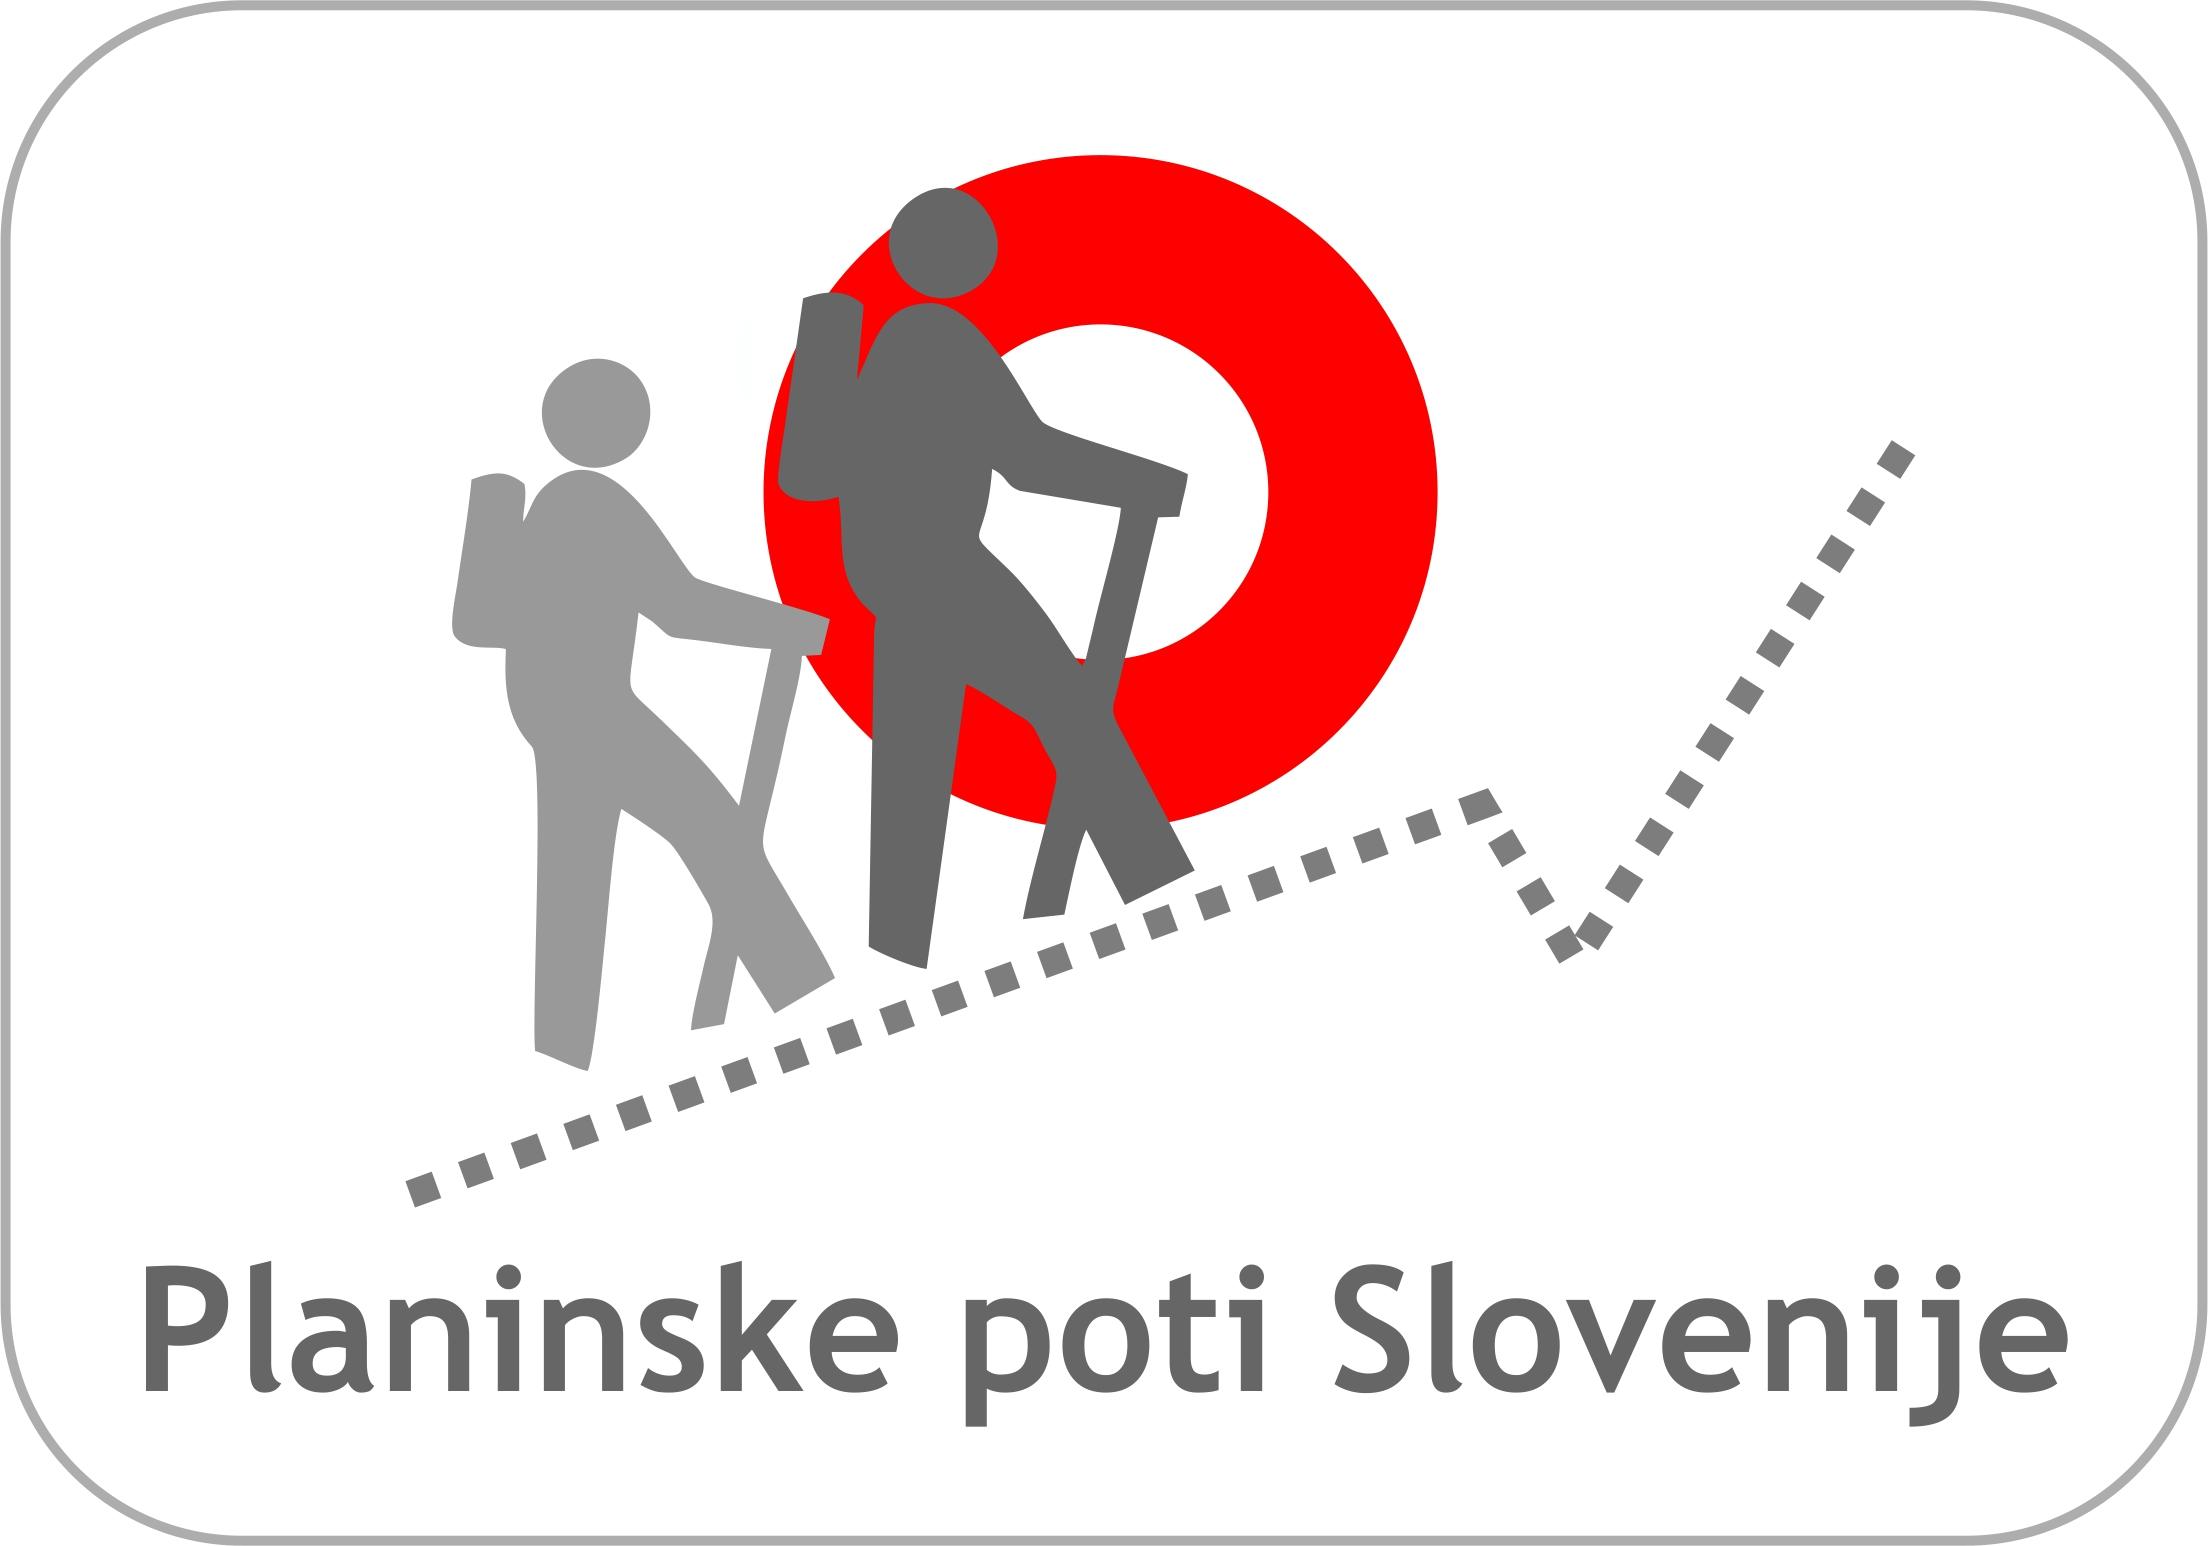 186x130_planinske_poti